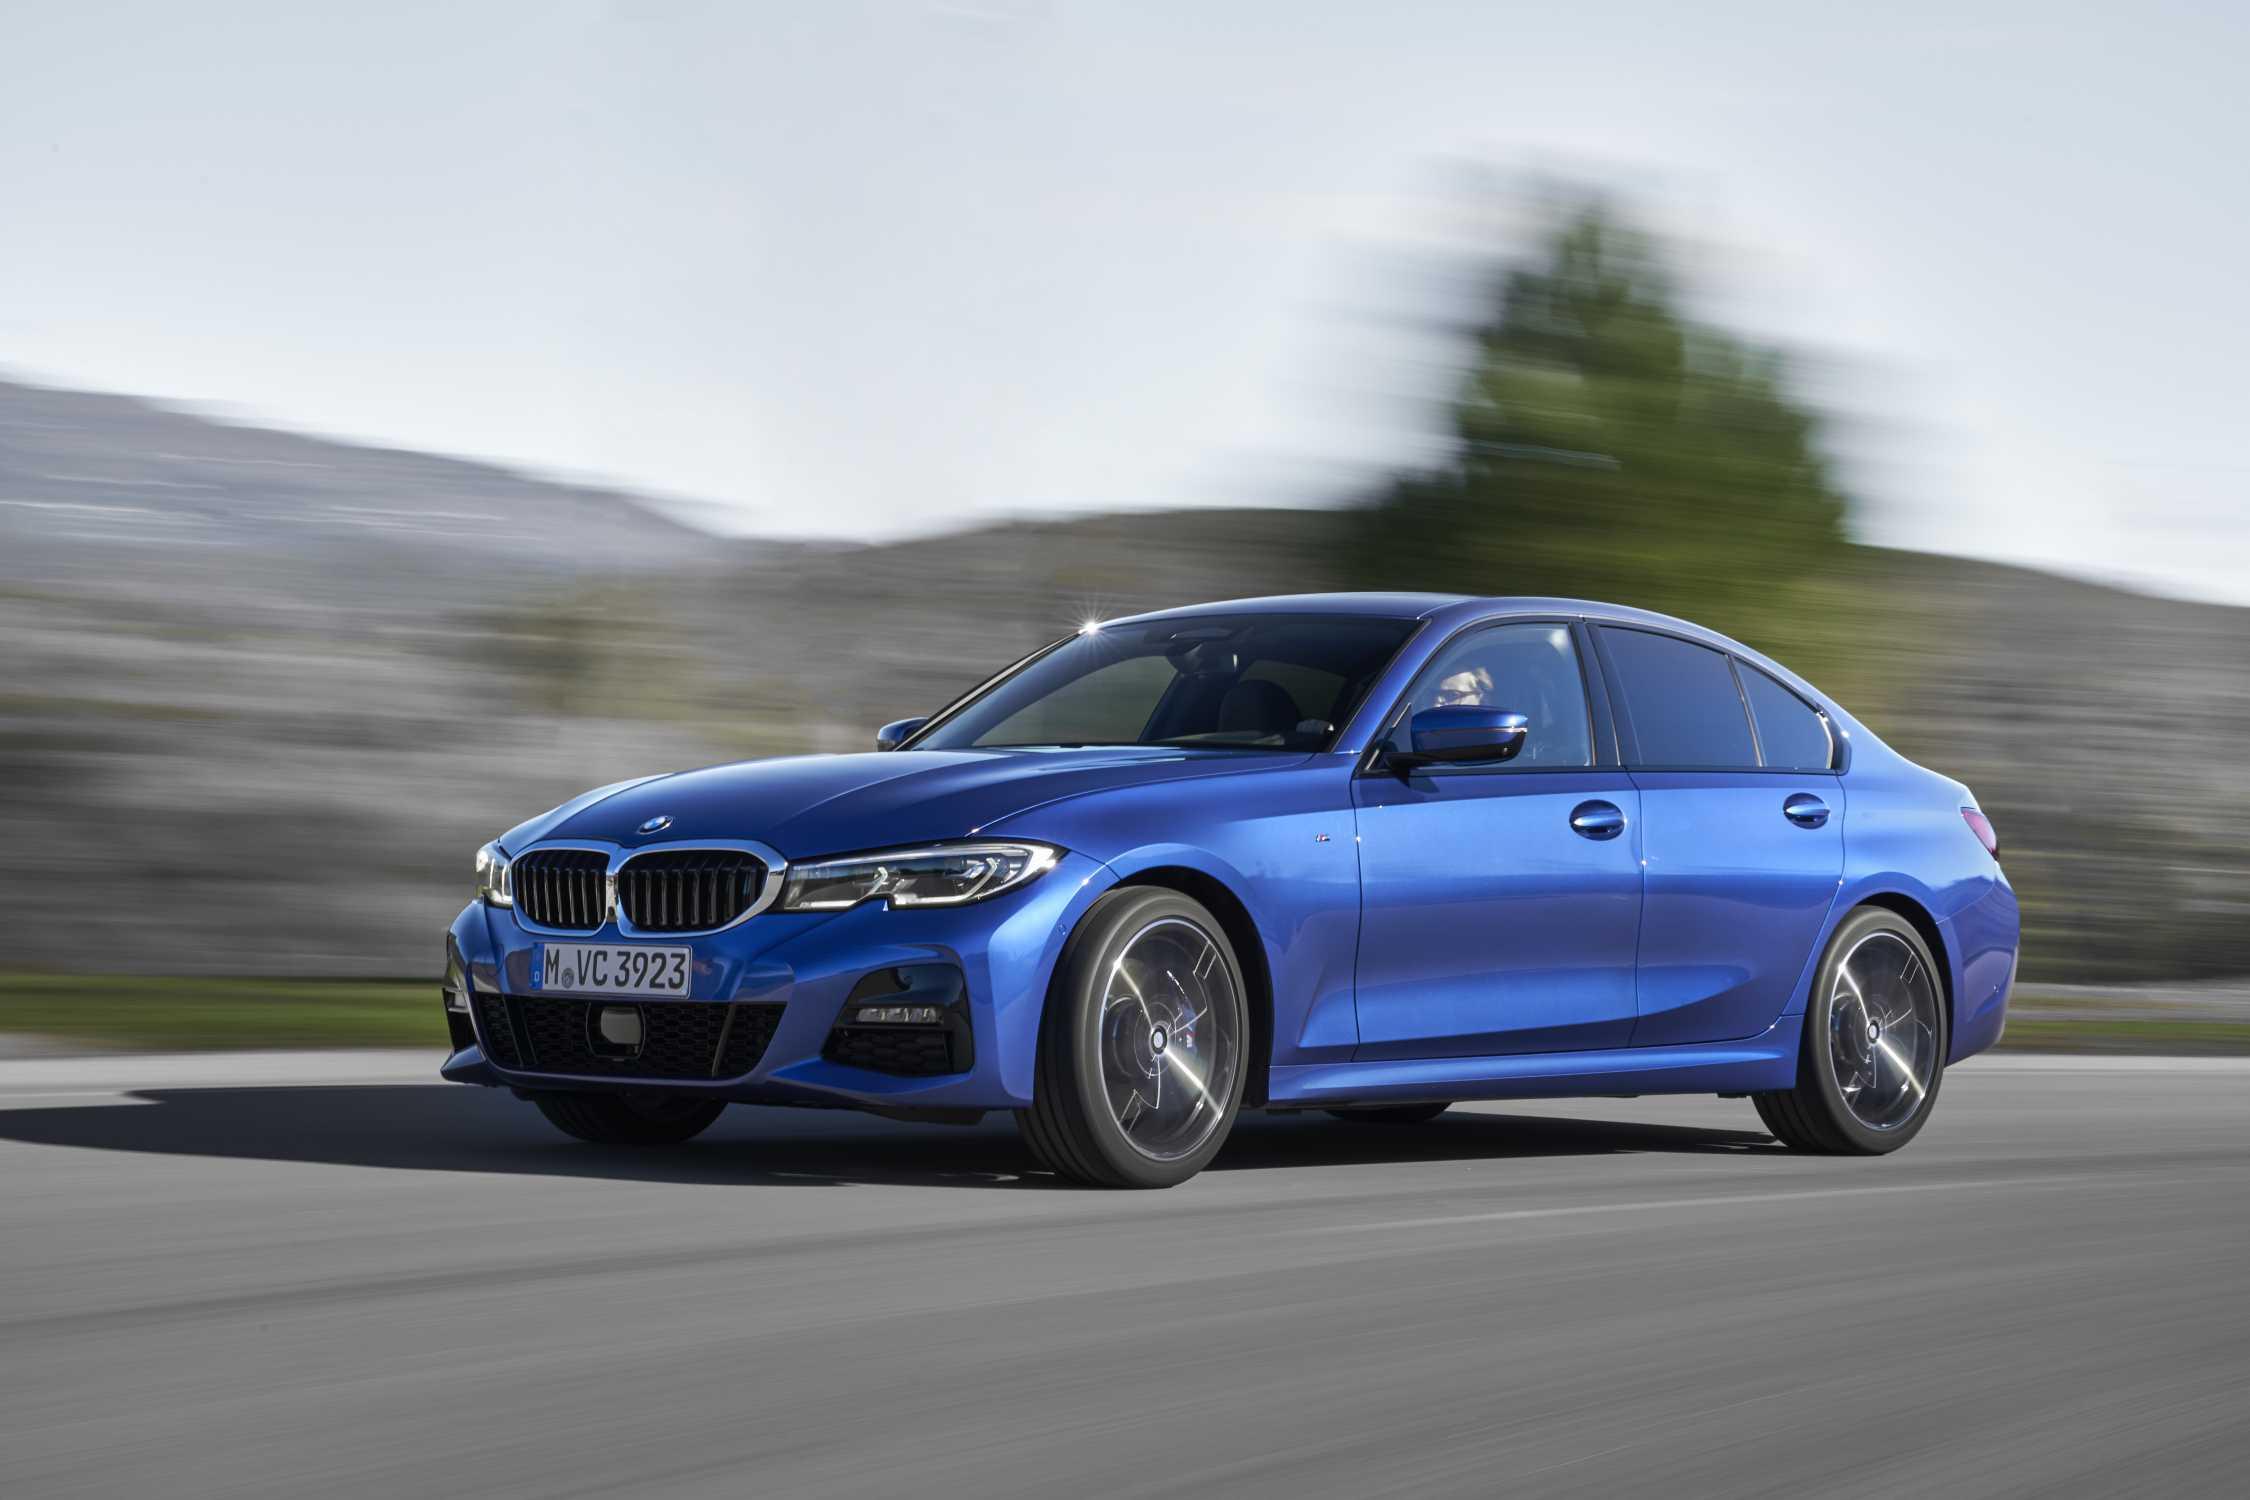 BMW do Brasil inicia campanha de pré-venda do novo Série 3 no país 6f154dd1eb6